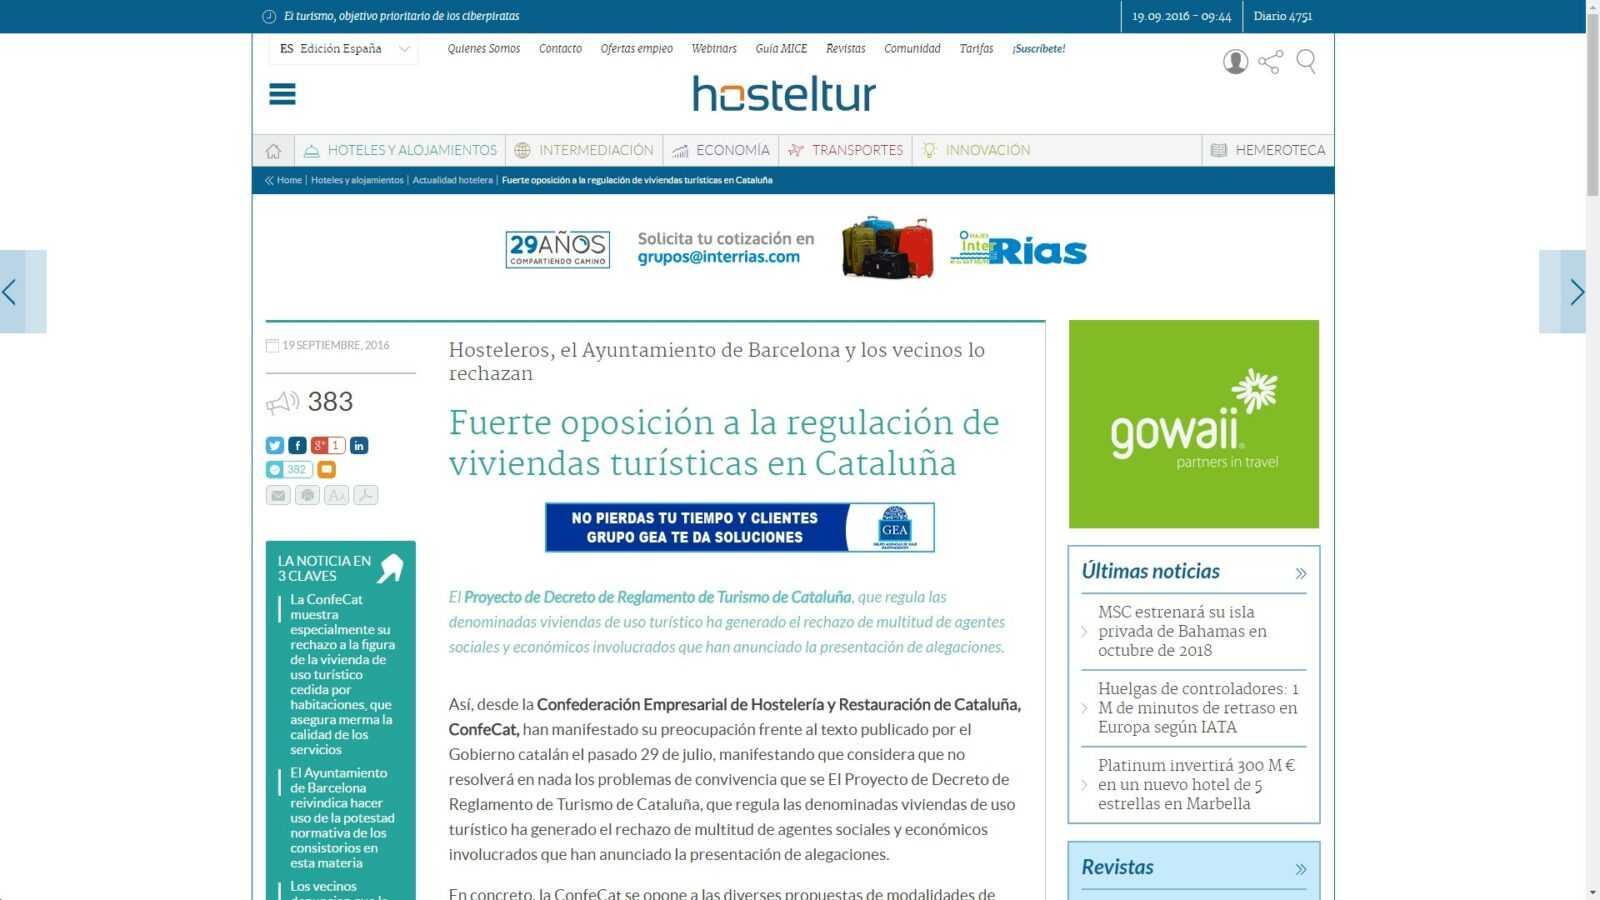 fuerte-oposicion-a-la-regulacion-de-viviendas-turisticas-en-cataluna-hoteles-y-alojamientos-google-chrome